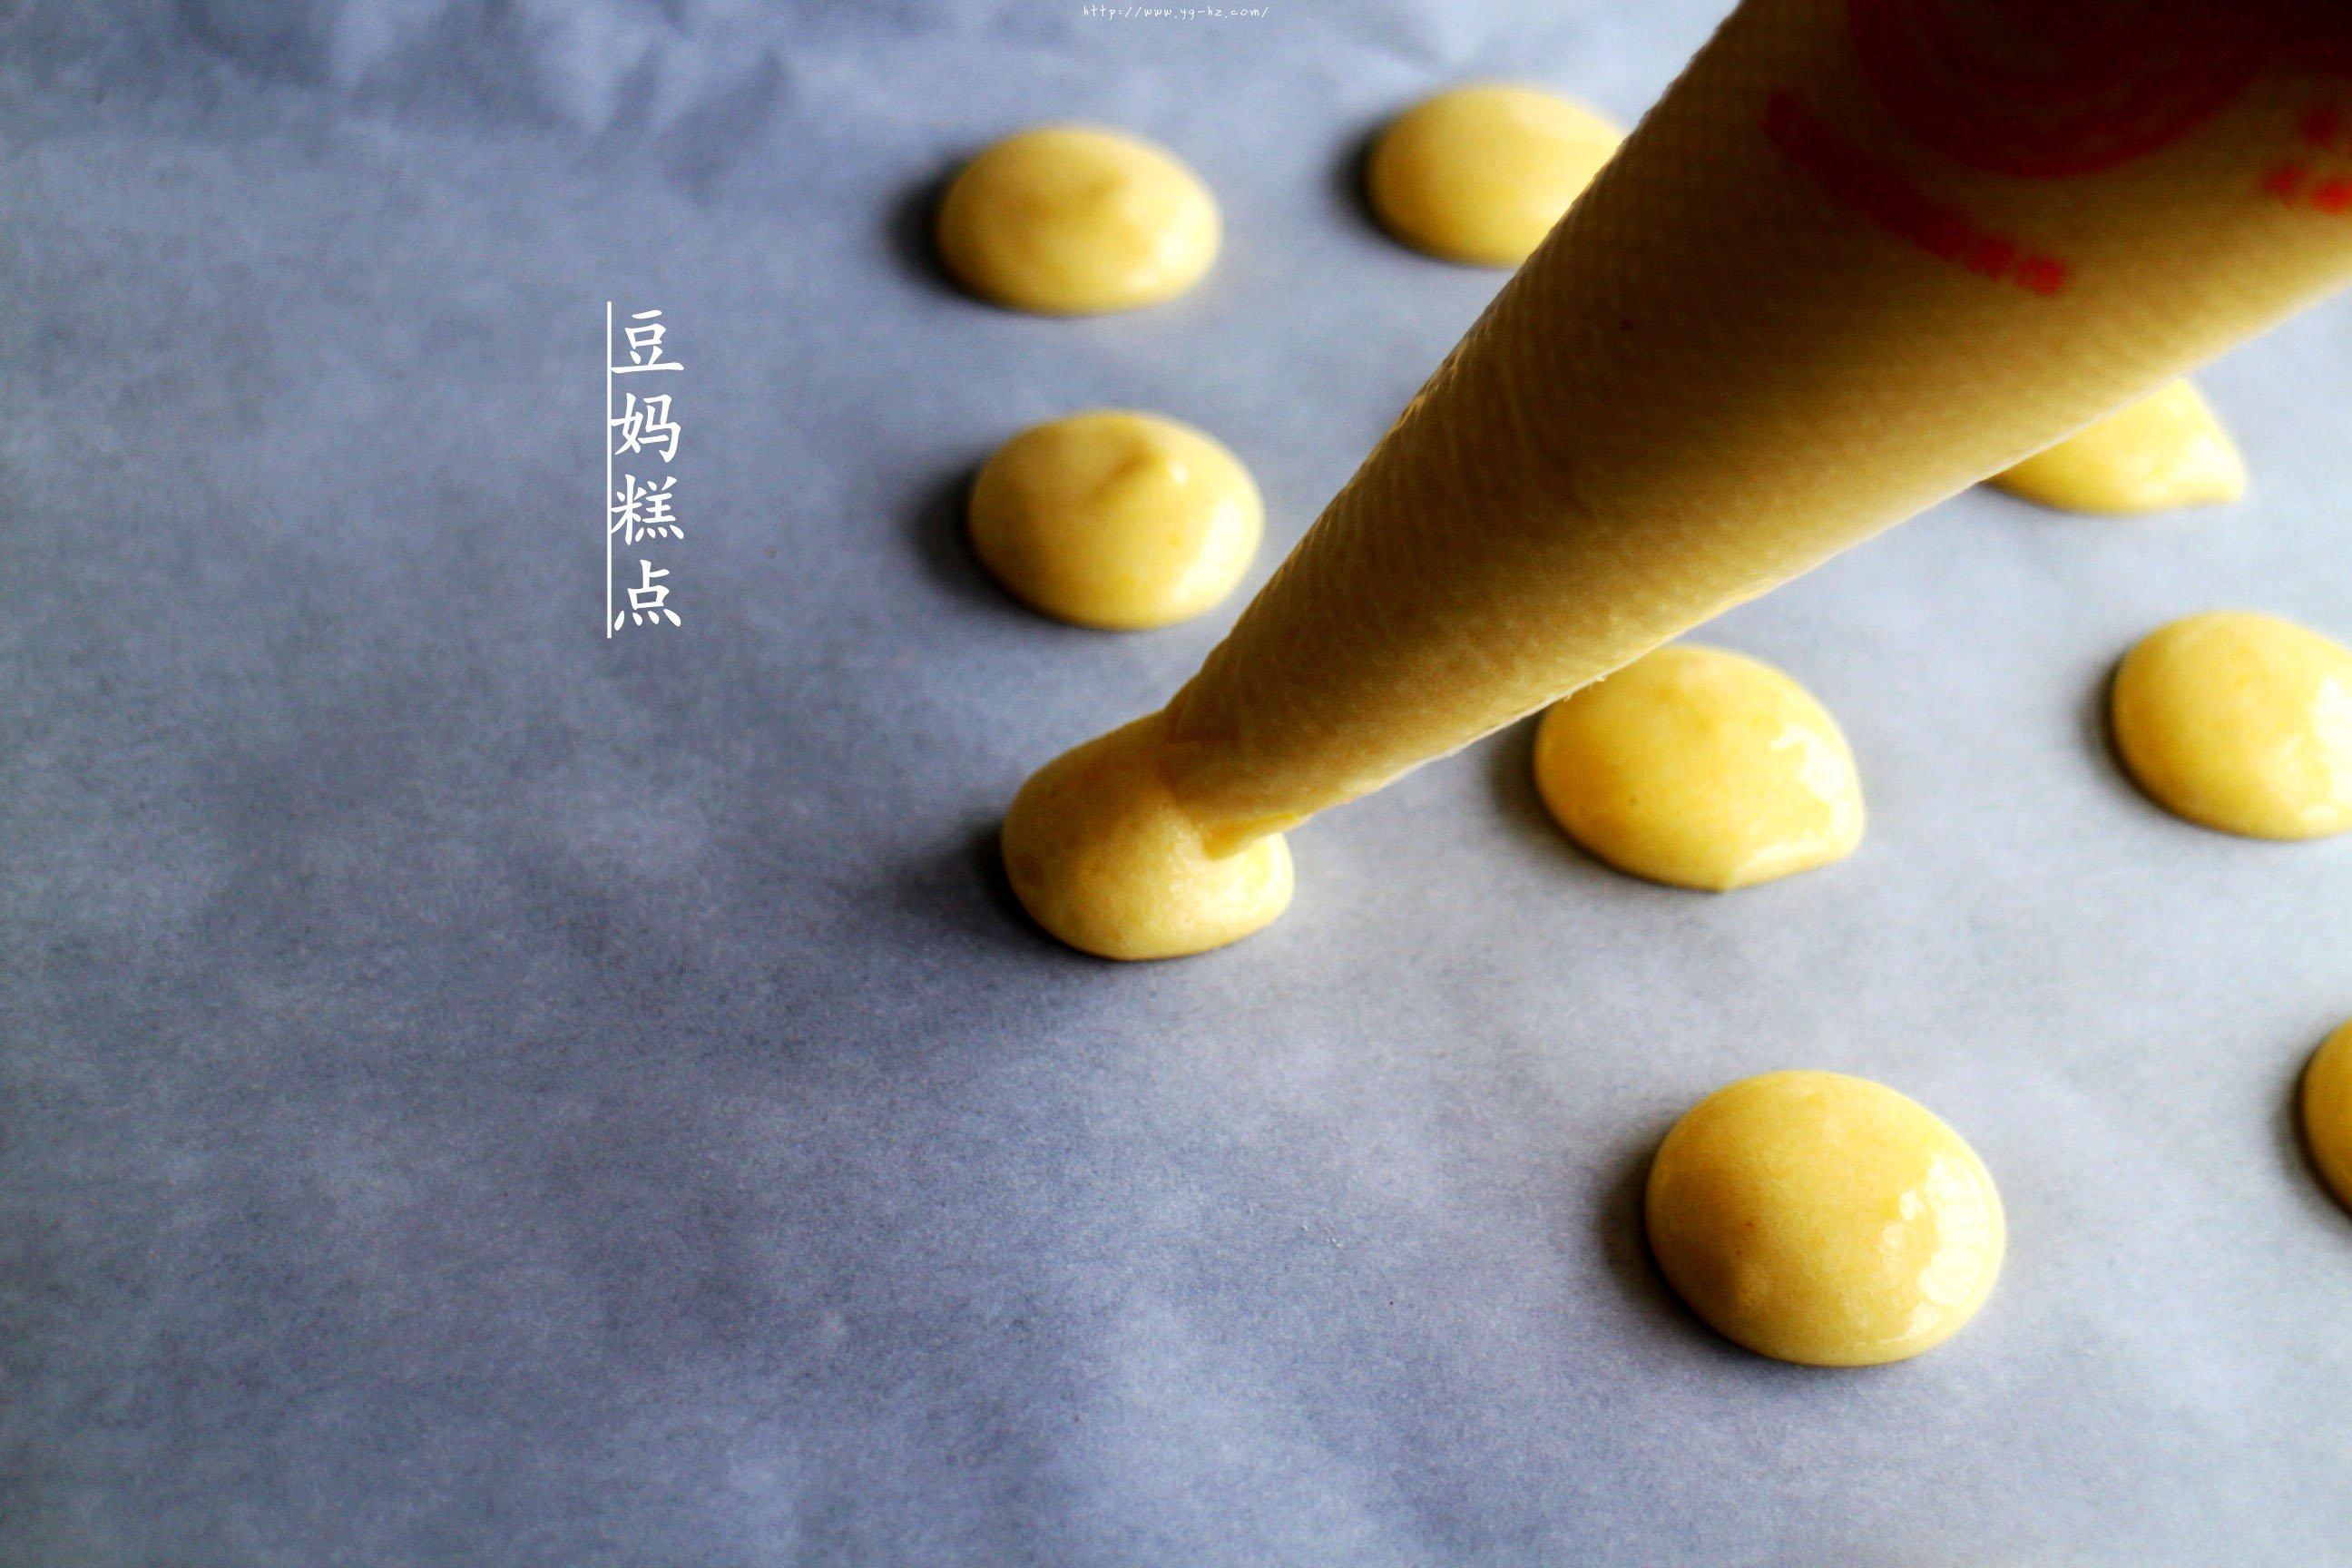 鸡蛋小饼干,又香又酥,比买的还好吃的做法 步骤9